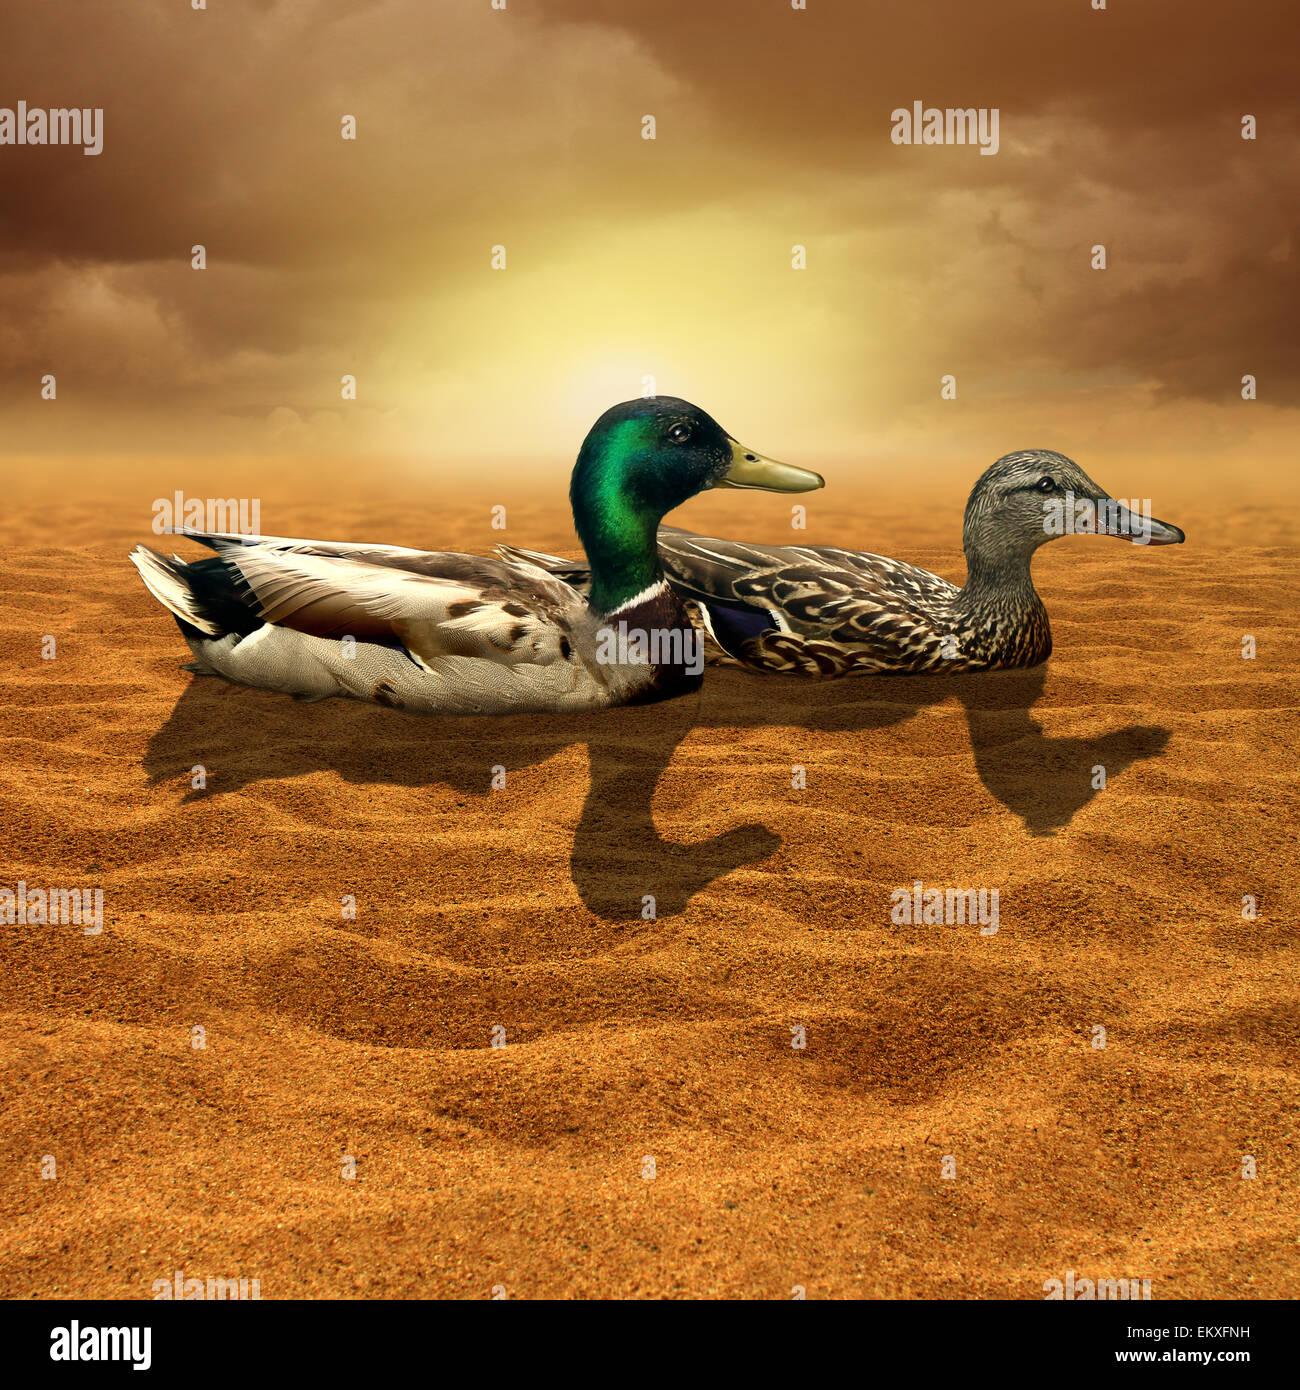 Il cambiamento climatico e la possibilità limitata concetto come una coppia di anatre nel mezzo di un asciutto Immagini Stock